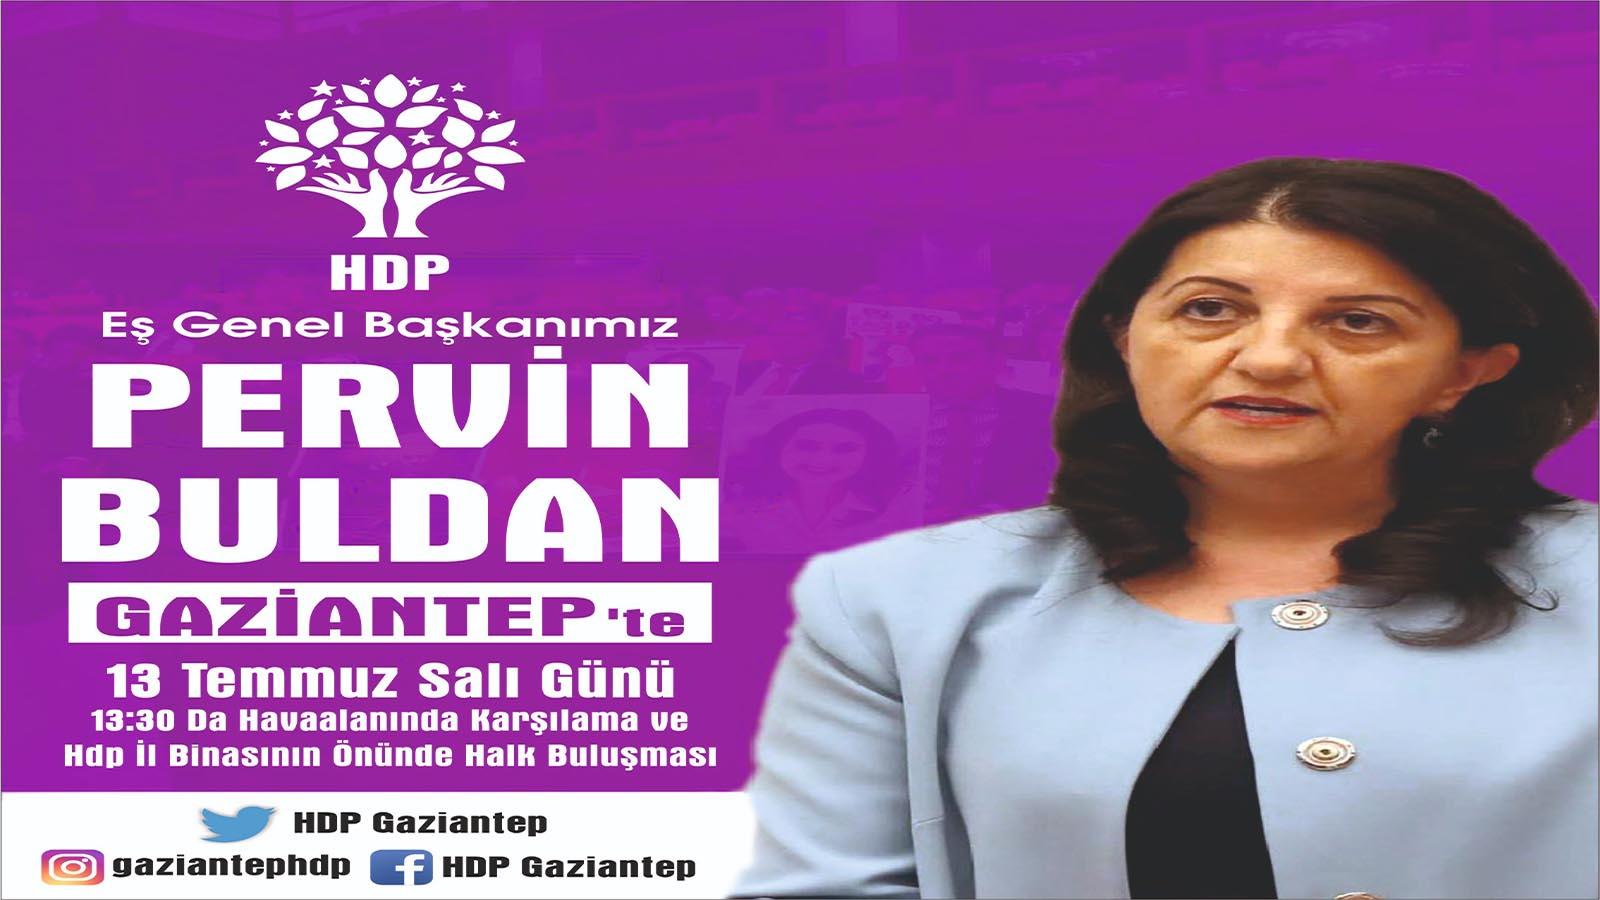 HDP Eş Genel Başkanı Pervin Buldan Gaziantep'e gidiyor